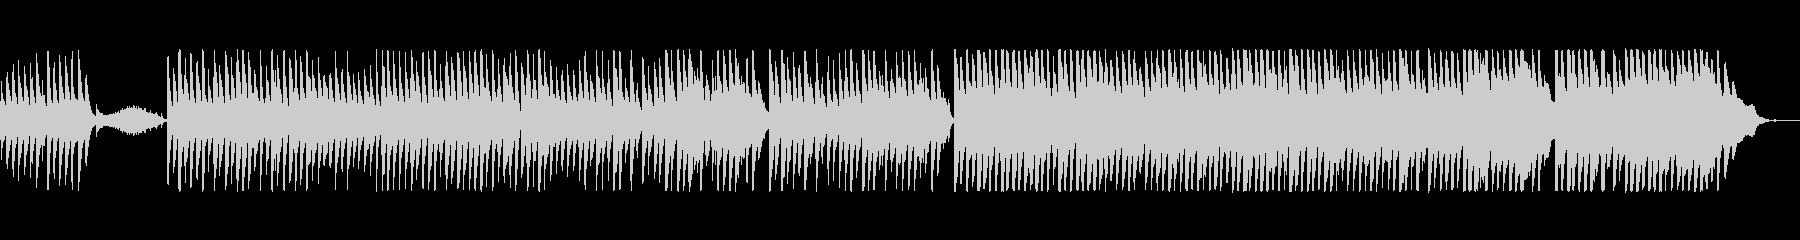 切なく穏やかなピアノ曲の未再生の波形